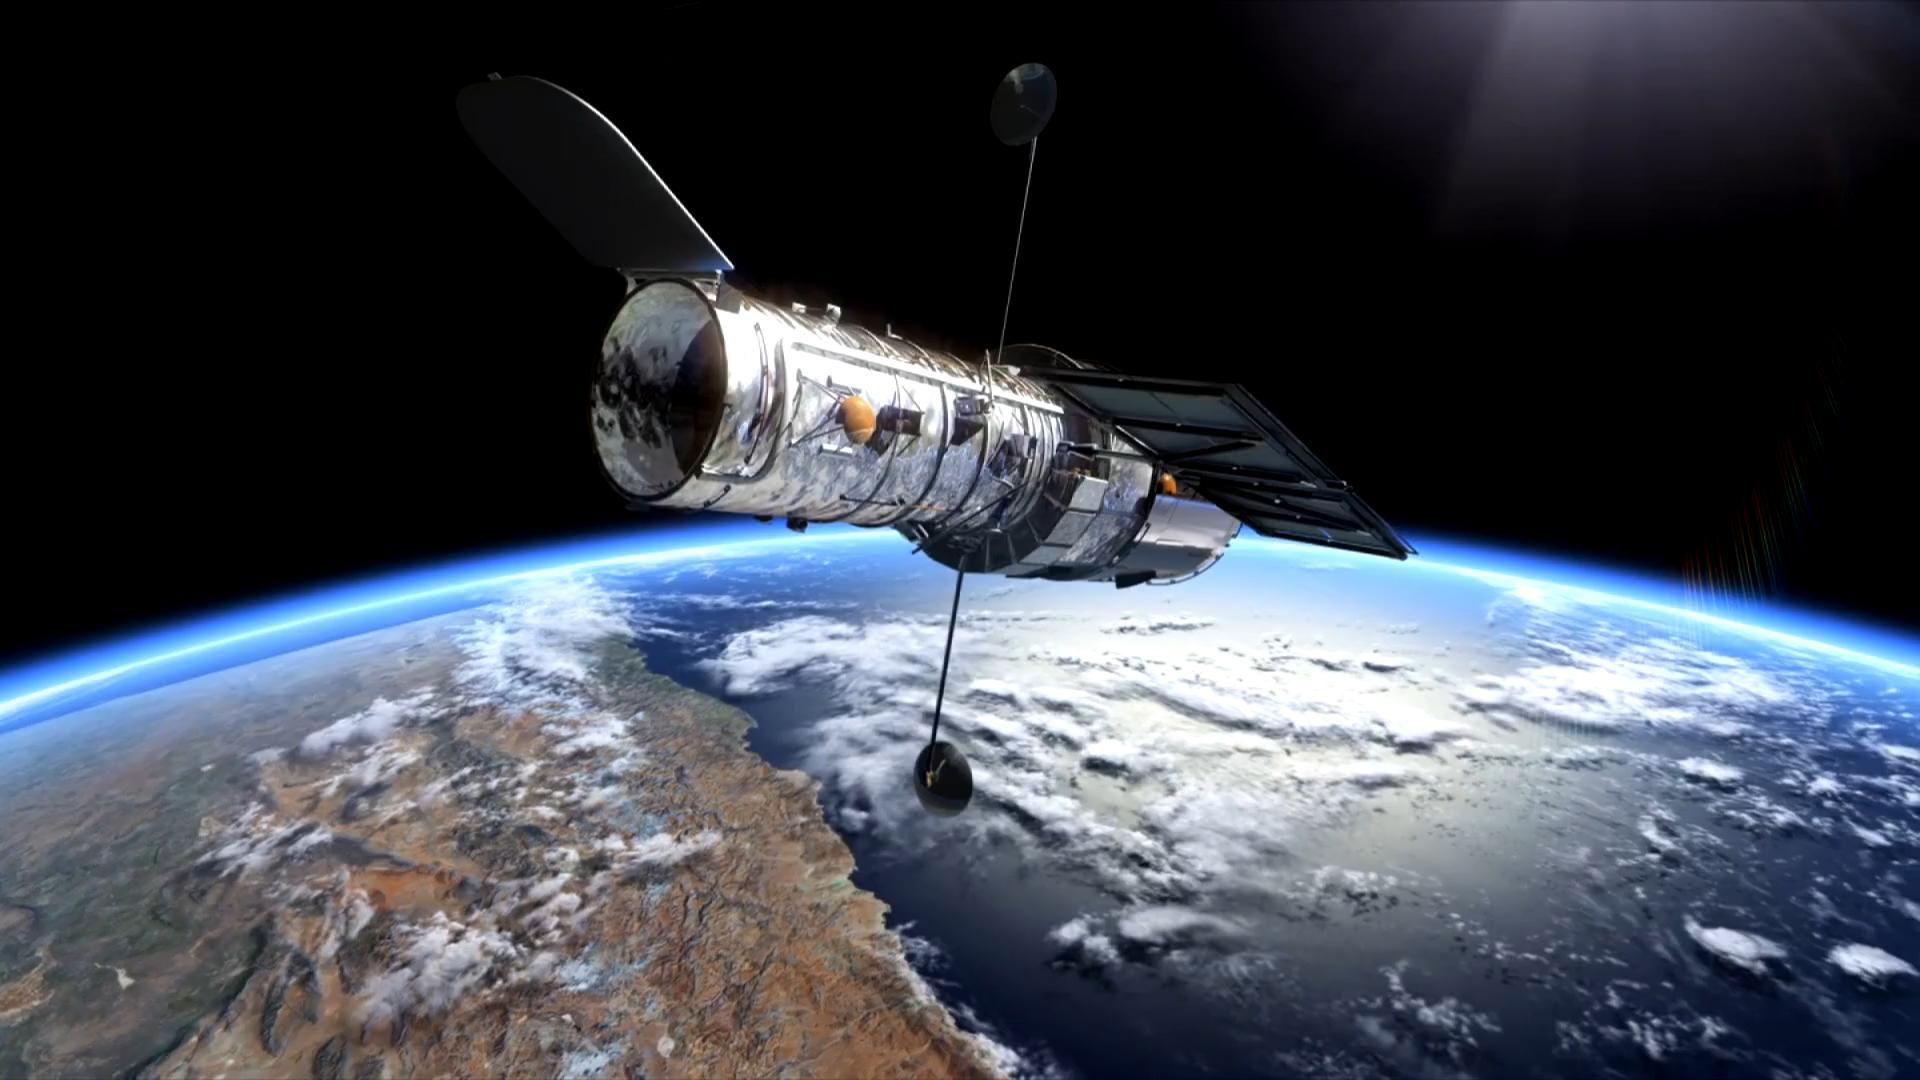 Внеатмосферная астрономия: взгляд с орбиты Земли